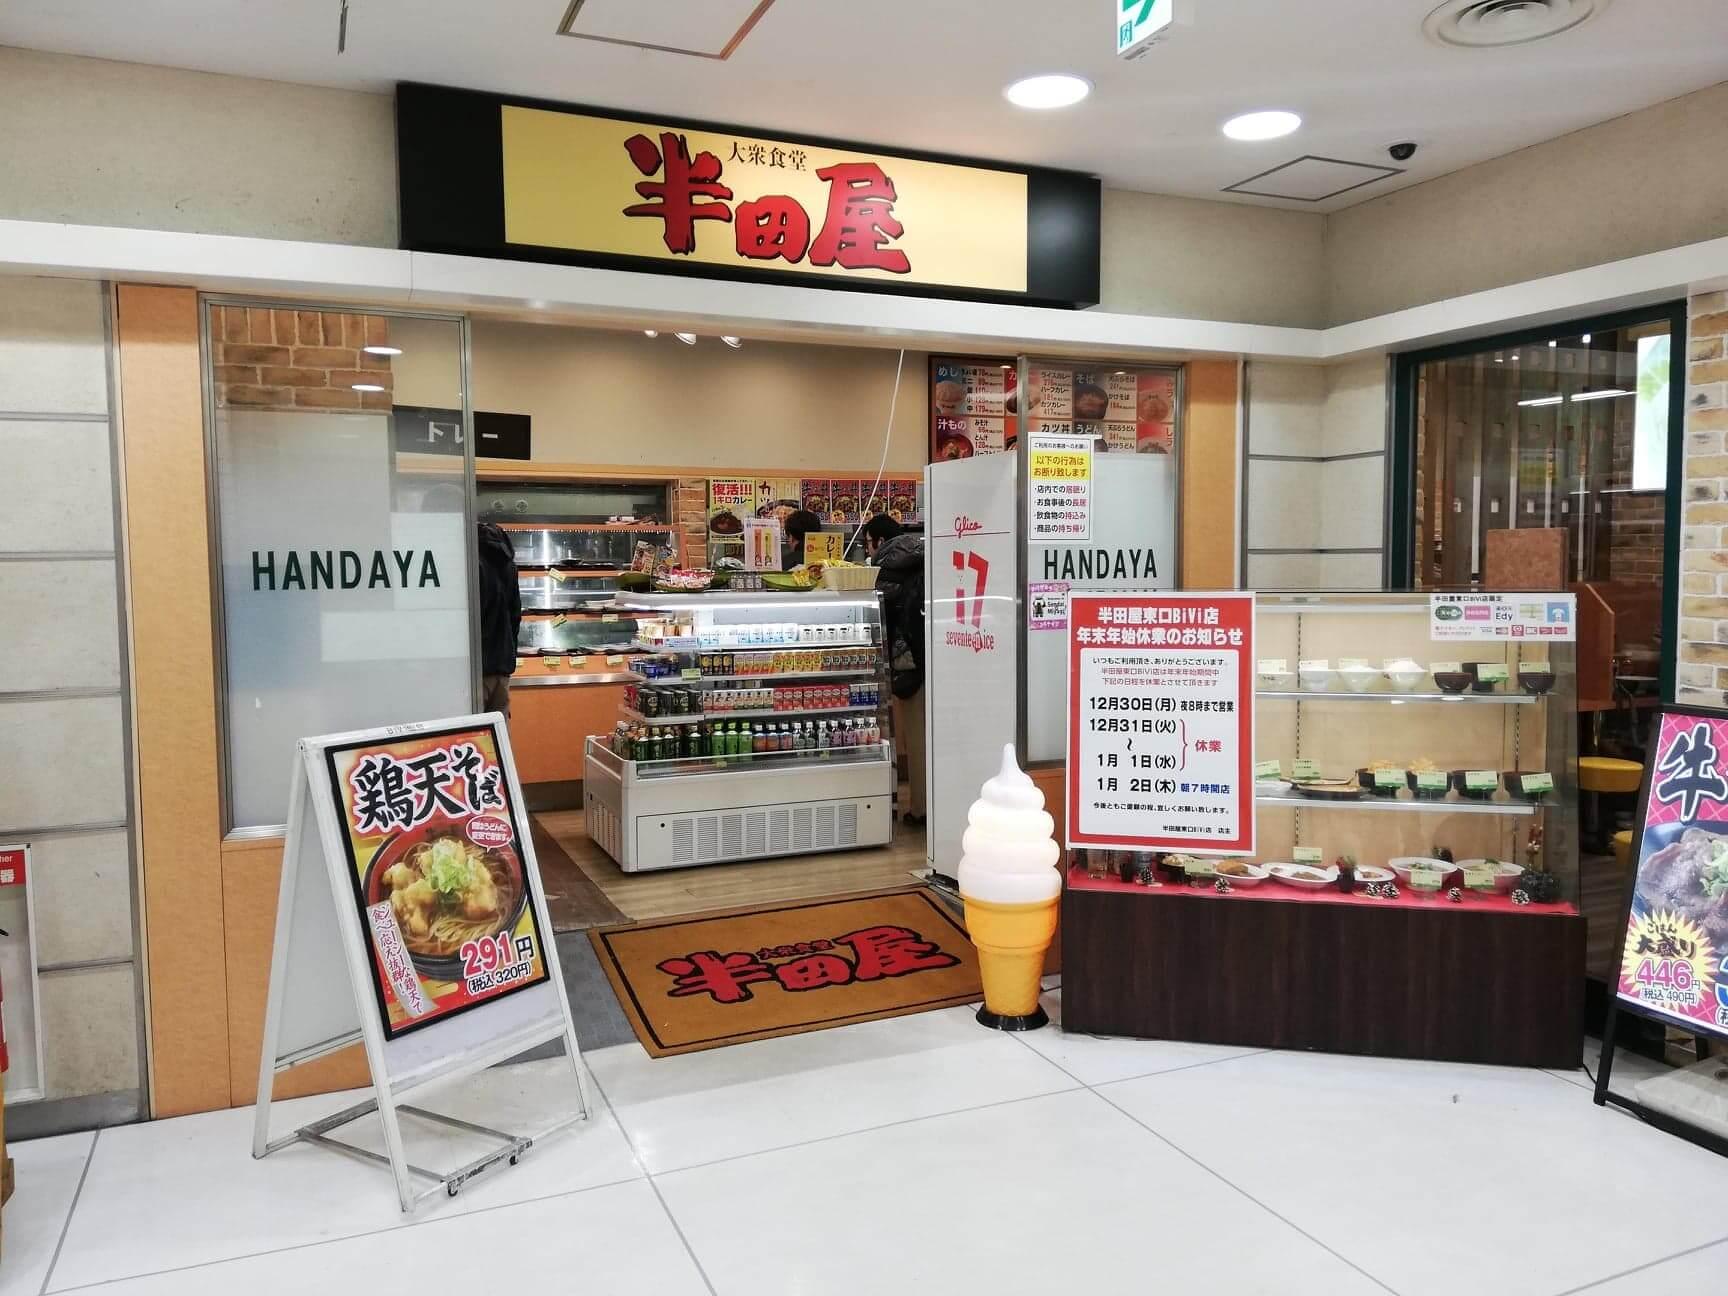 宮城県仙台市『大衆食堂半田屋東口BiVi店』の外観写真